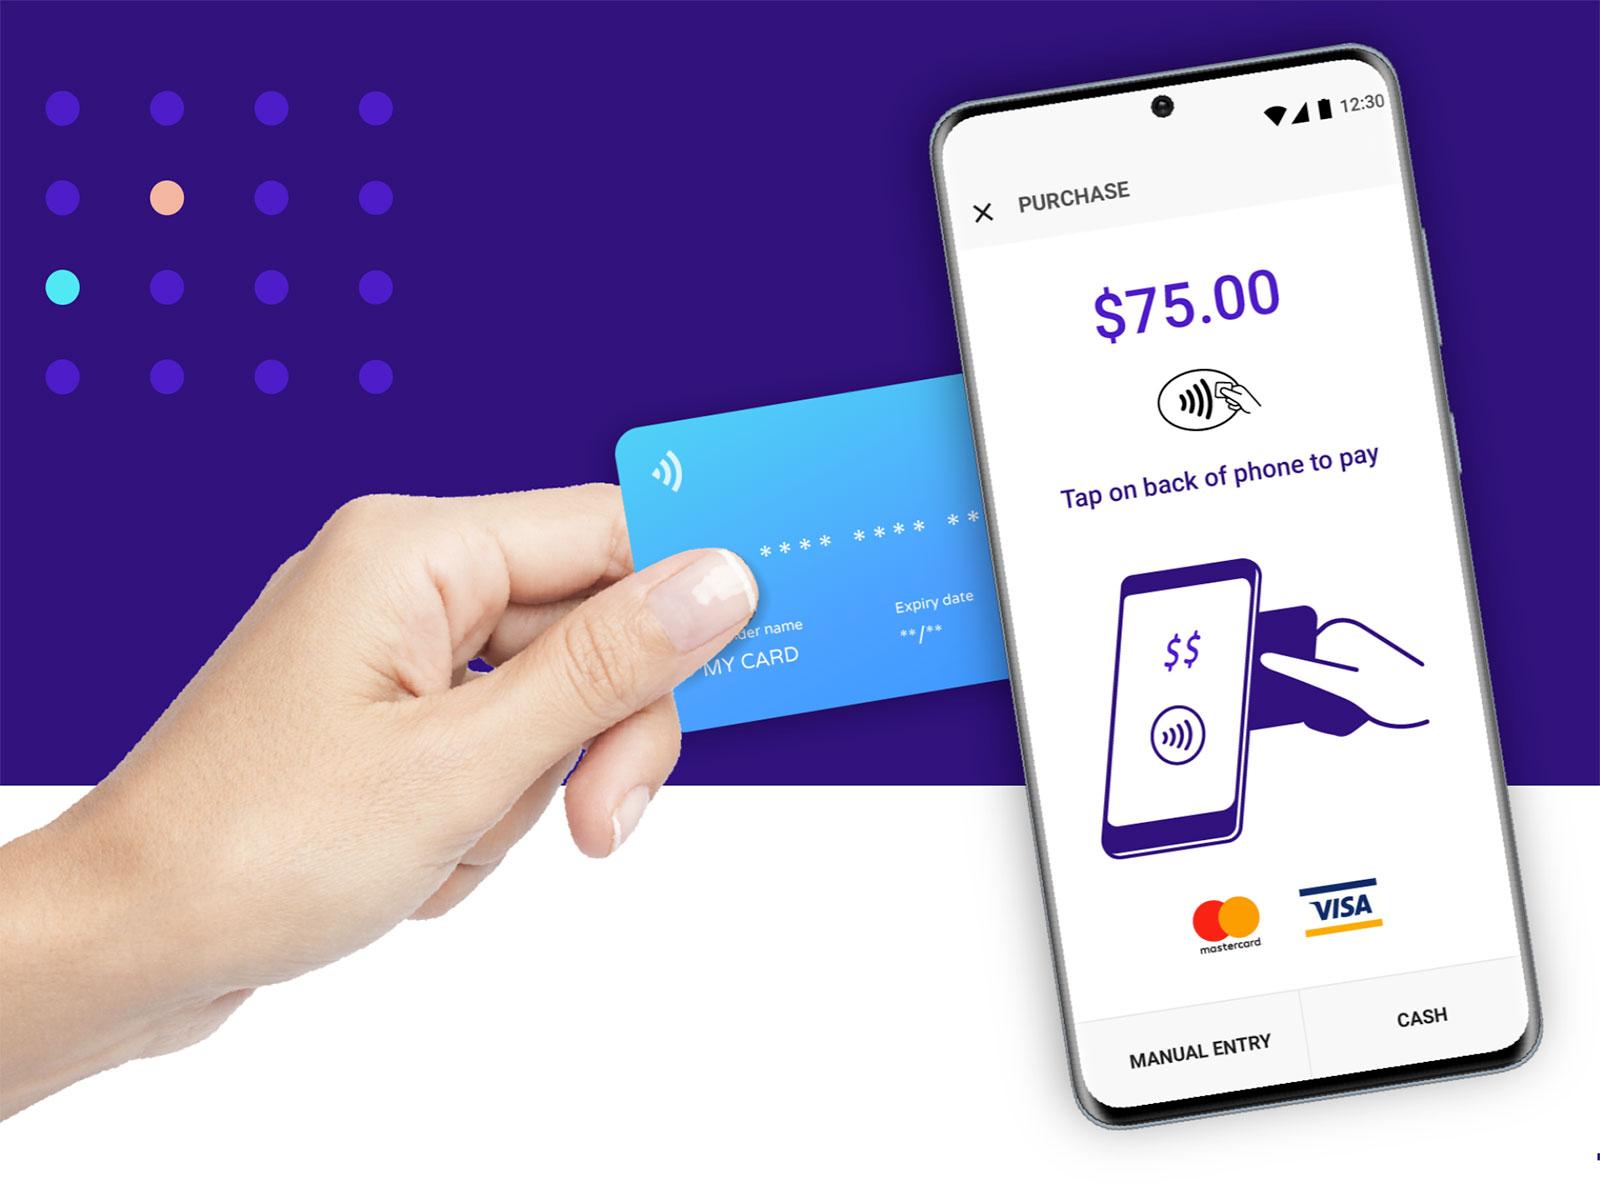 Pagos con NFC de Mobeewave